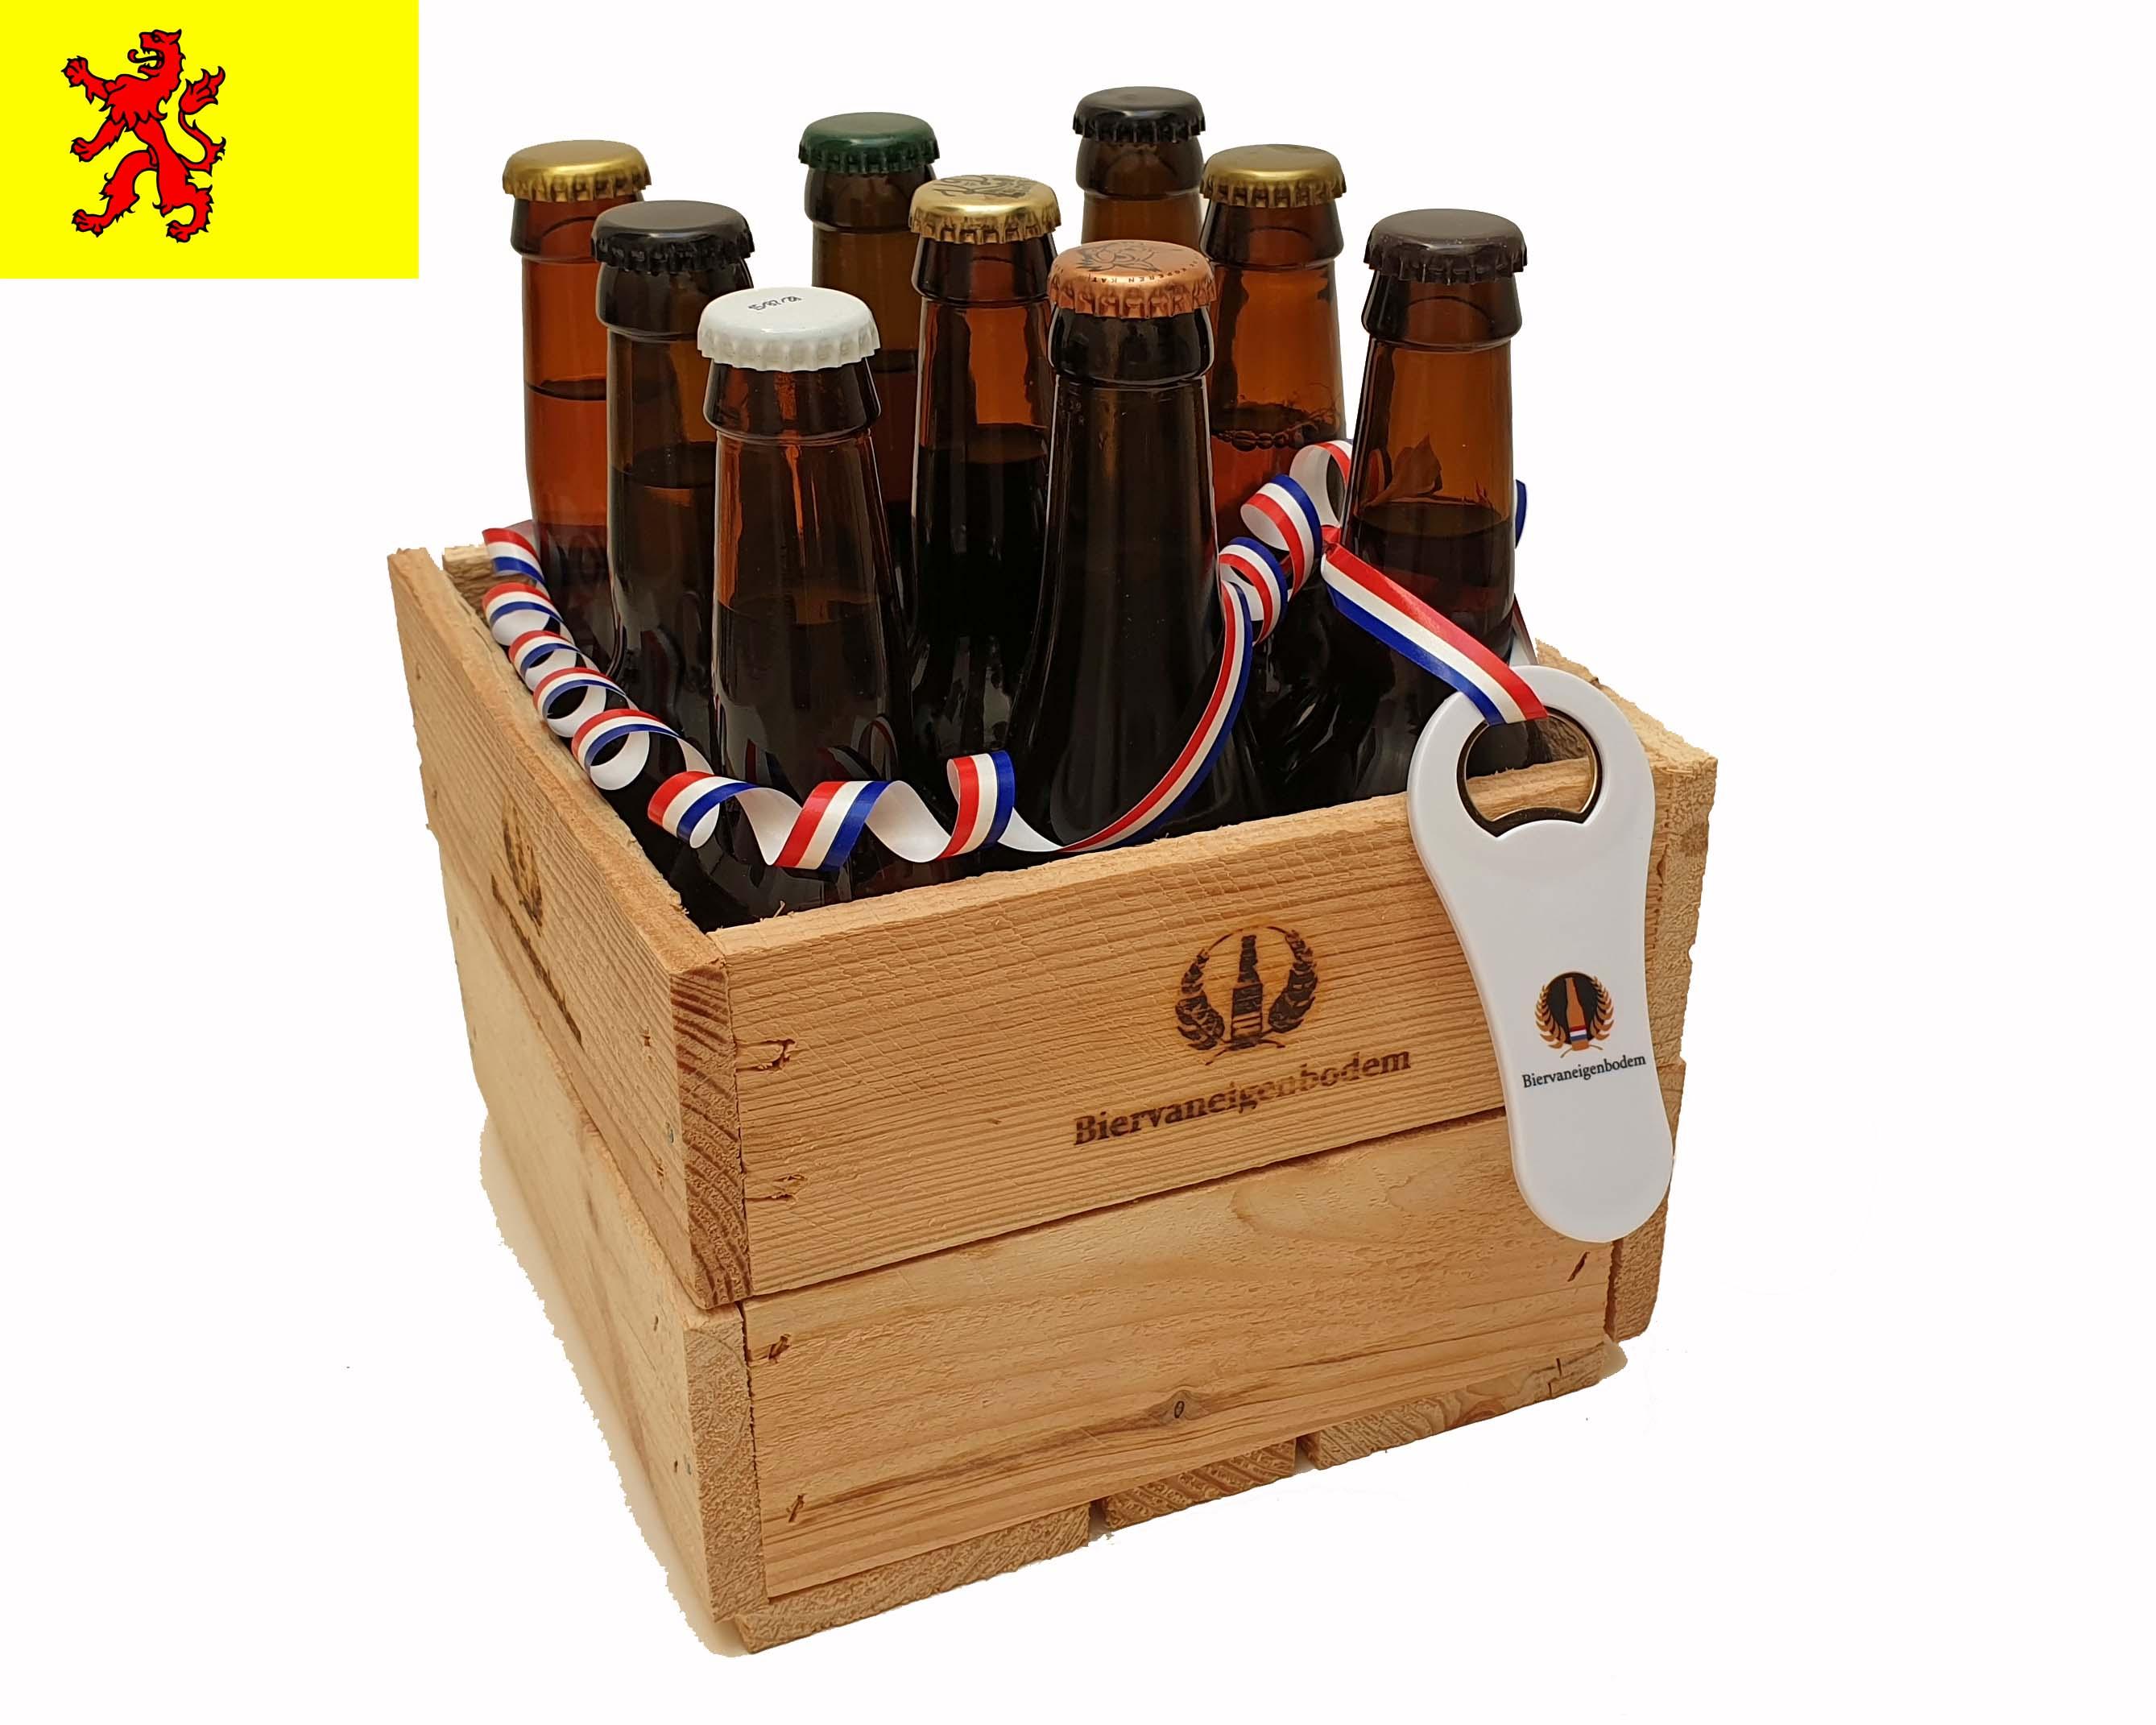 Bierpakket ZH9